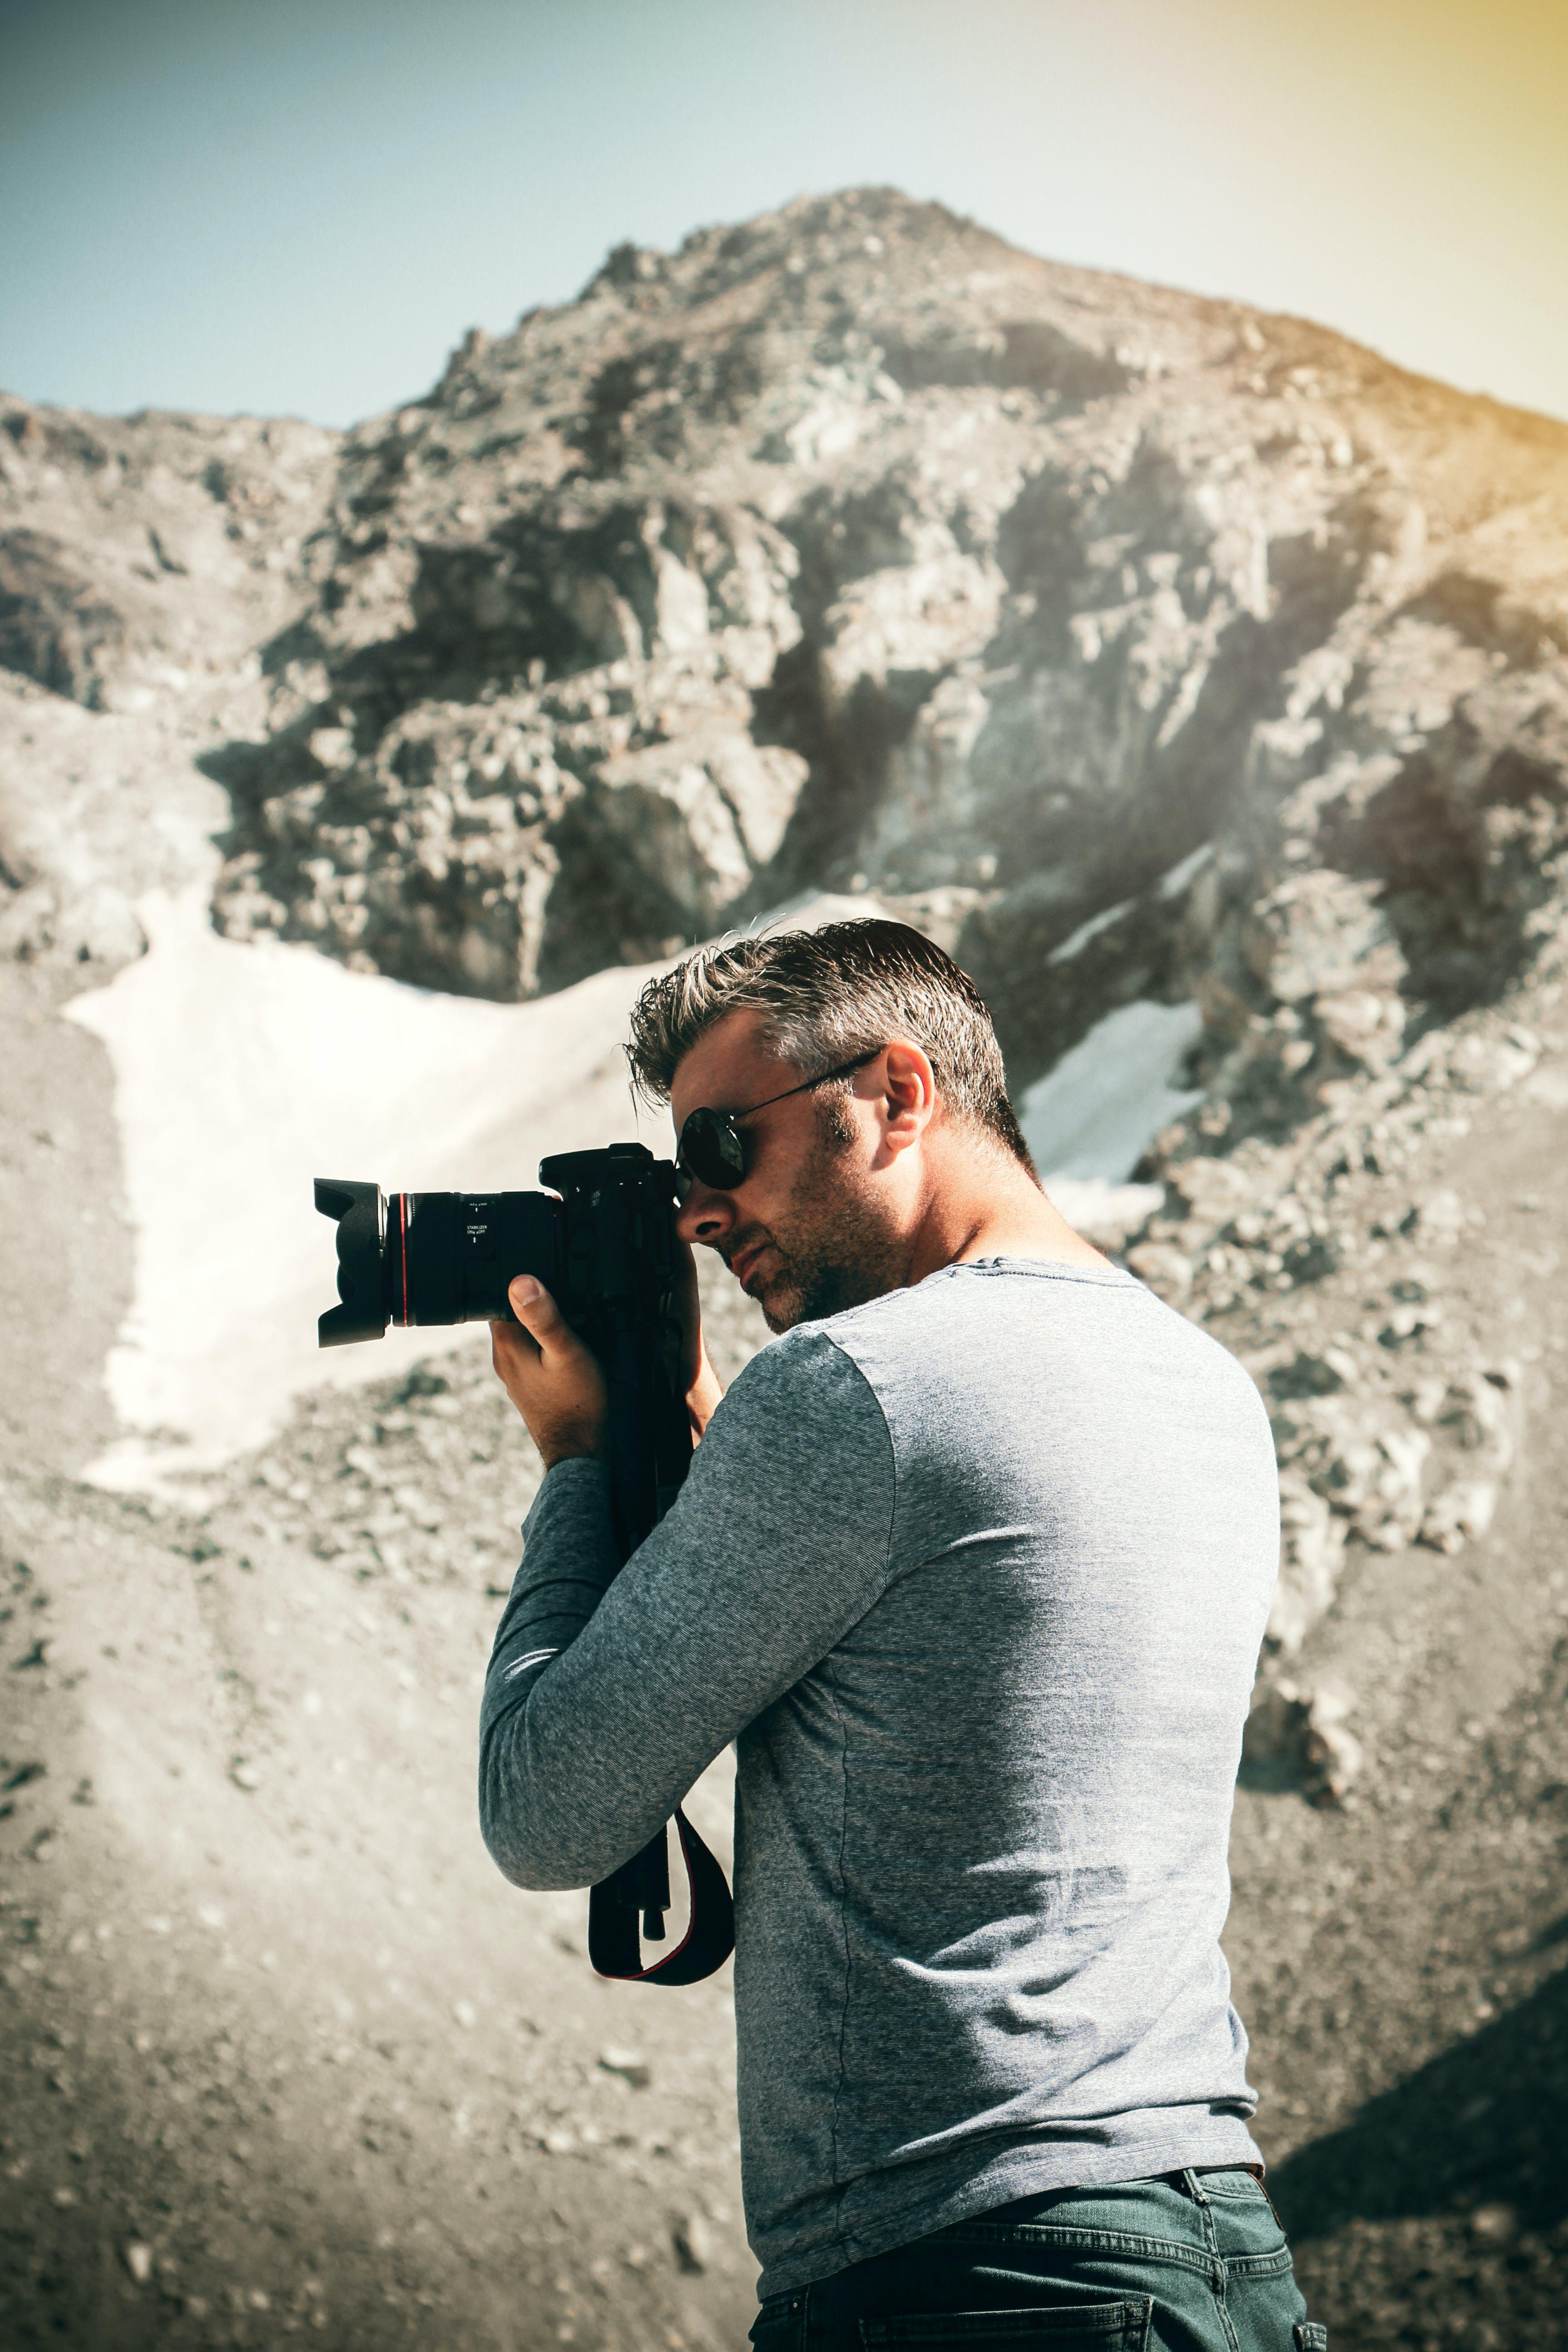 Kostenloses Stock Foto zu abenteuer, berg, draußen, erholung